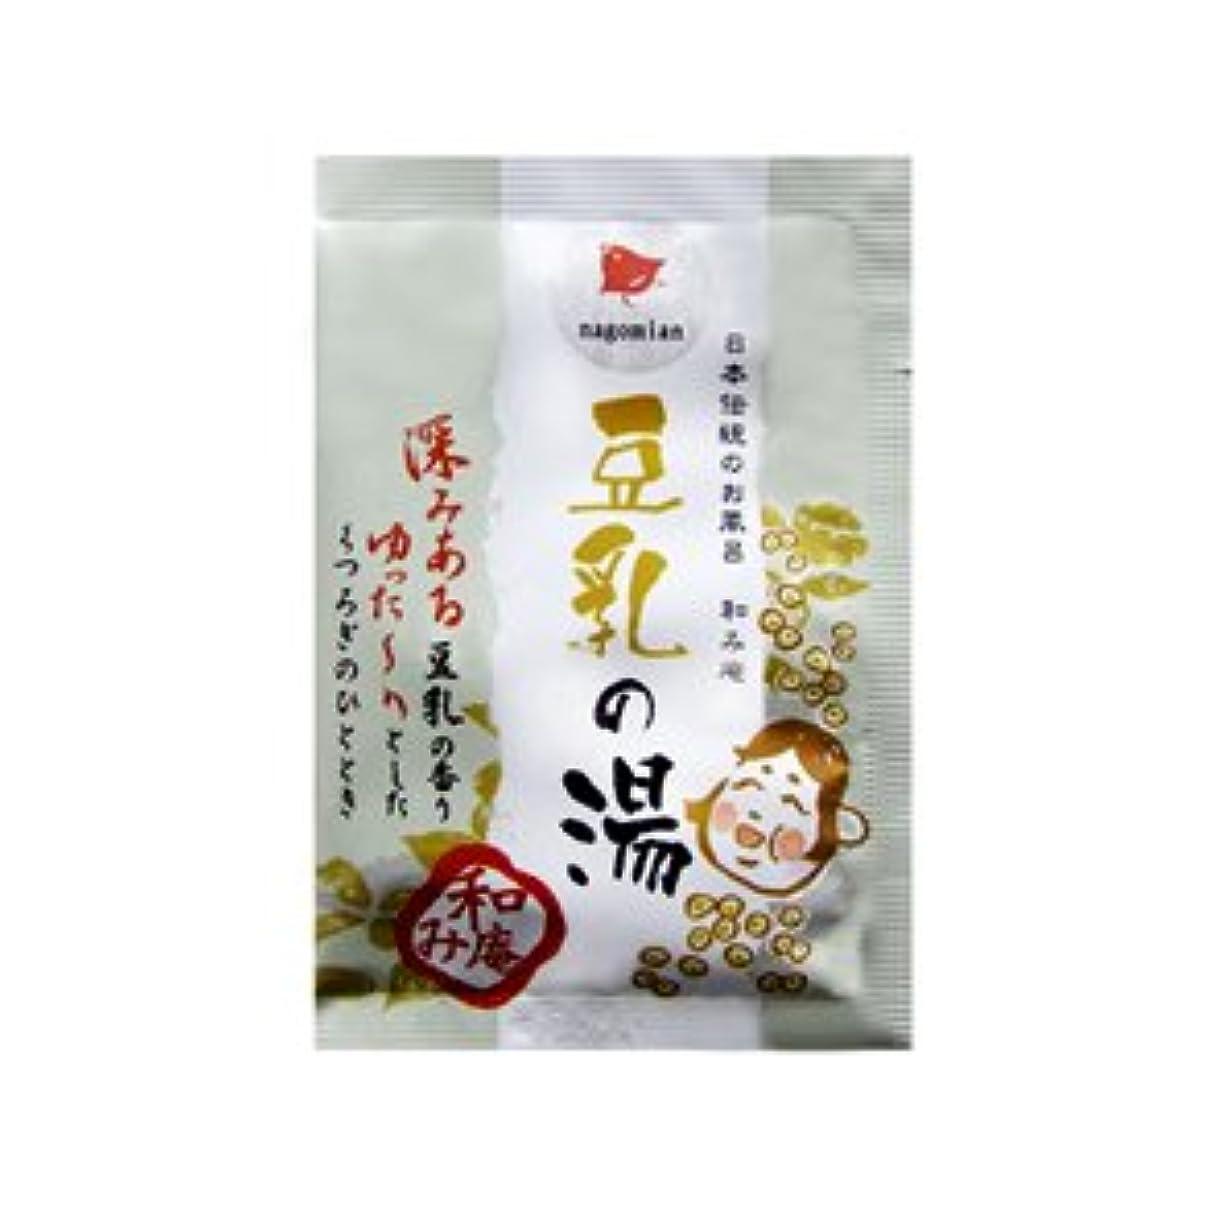 美人シンプルなアーカイブ日本伝統のお風呂 和み庵 豆乳の湯 25g 5個セット